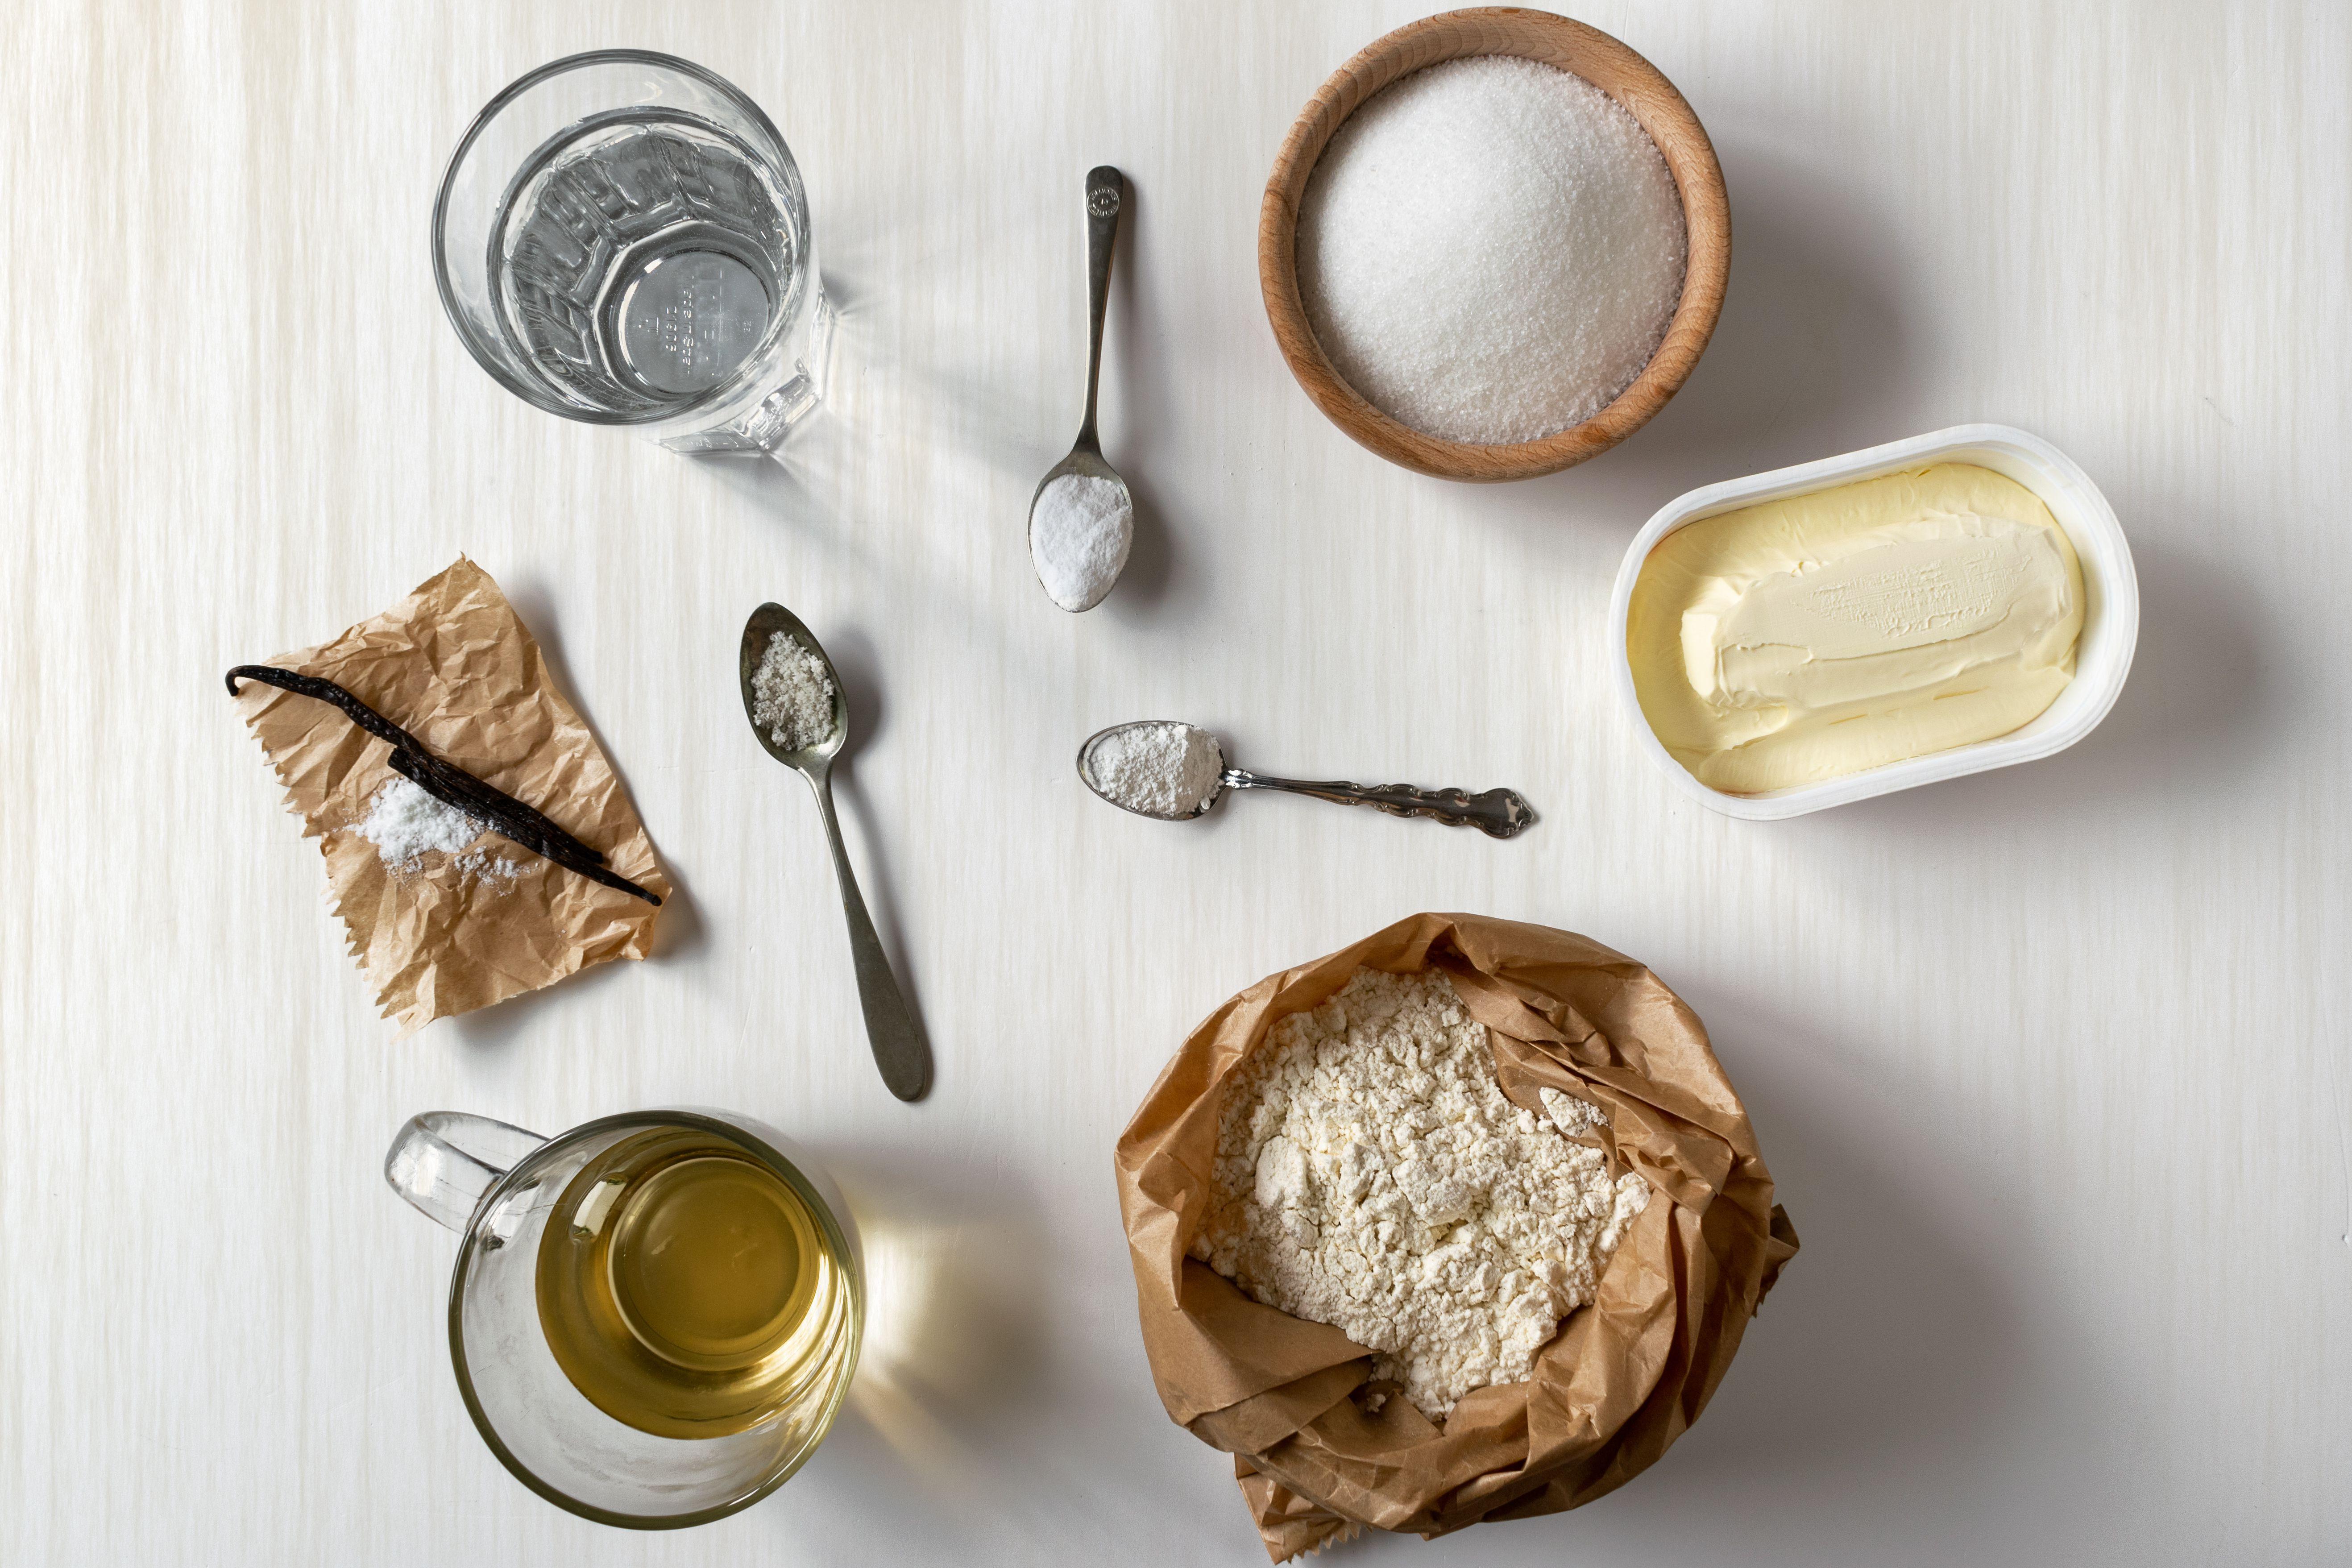 Basic Vegan White Cake Ingredients